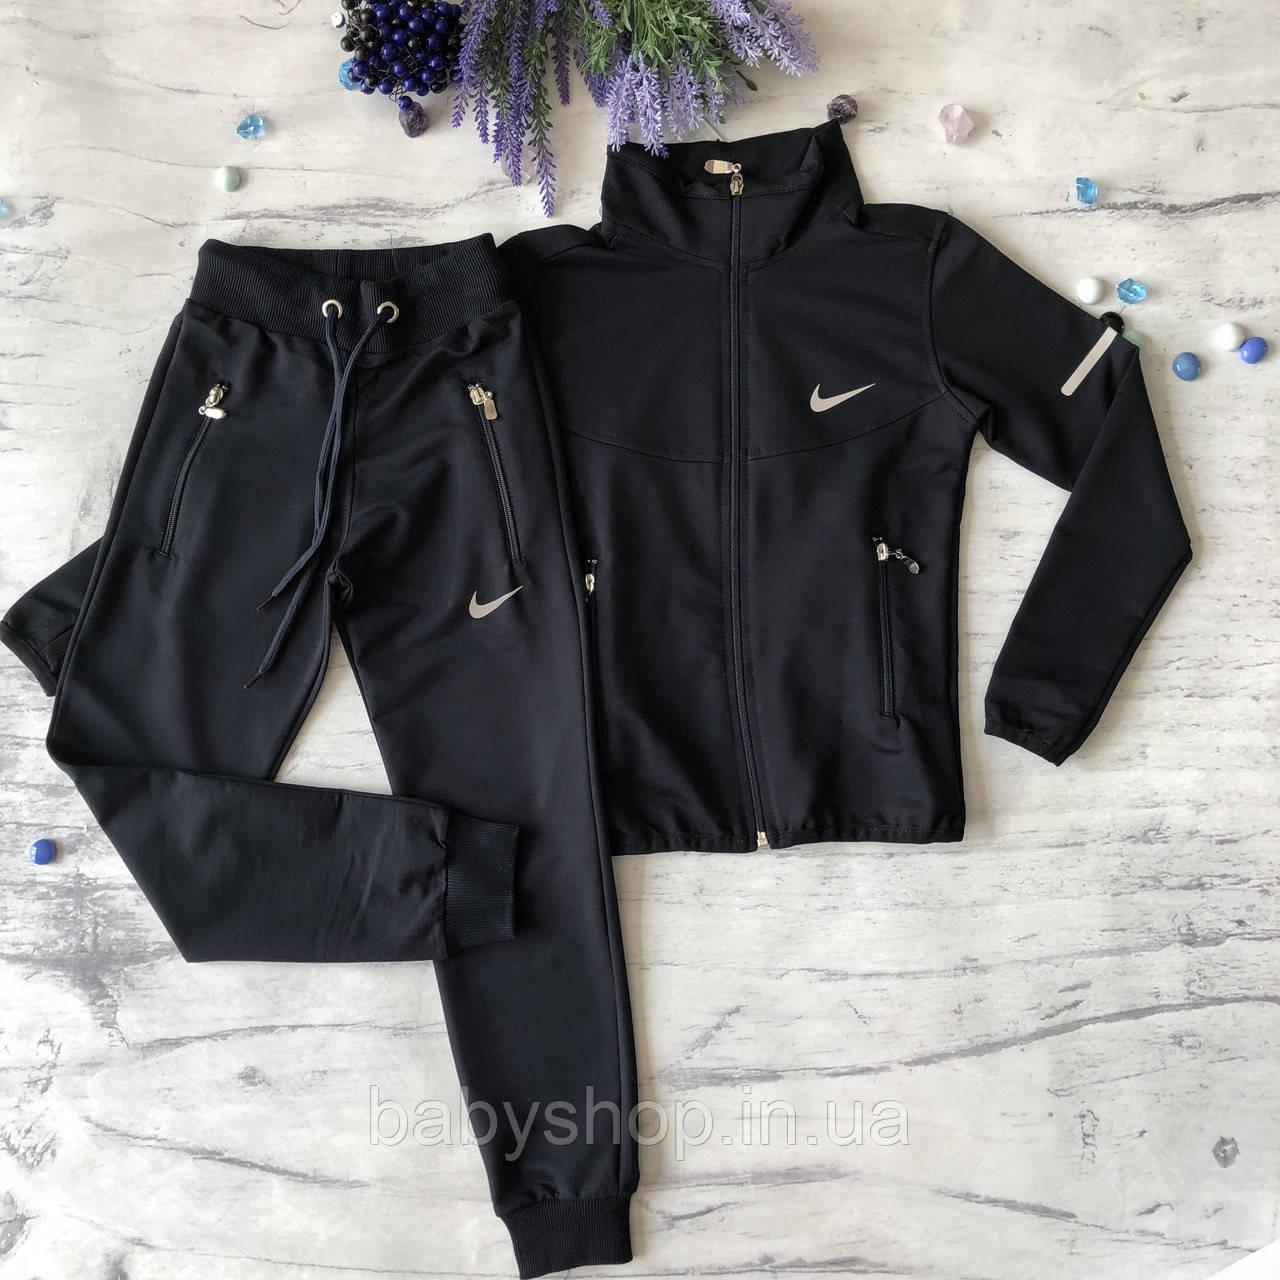 Костюм на мальчика в стиле Nike 179. Размер 116 см, 128 см, 140 см, 152 см